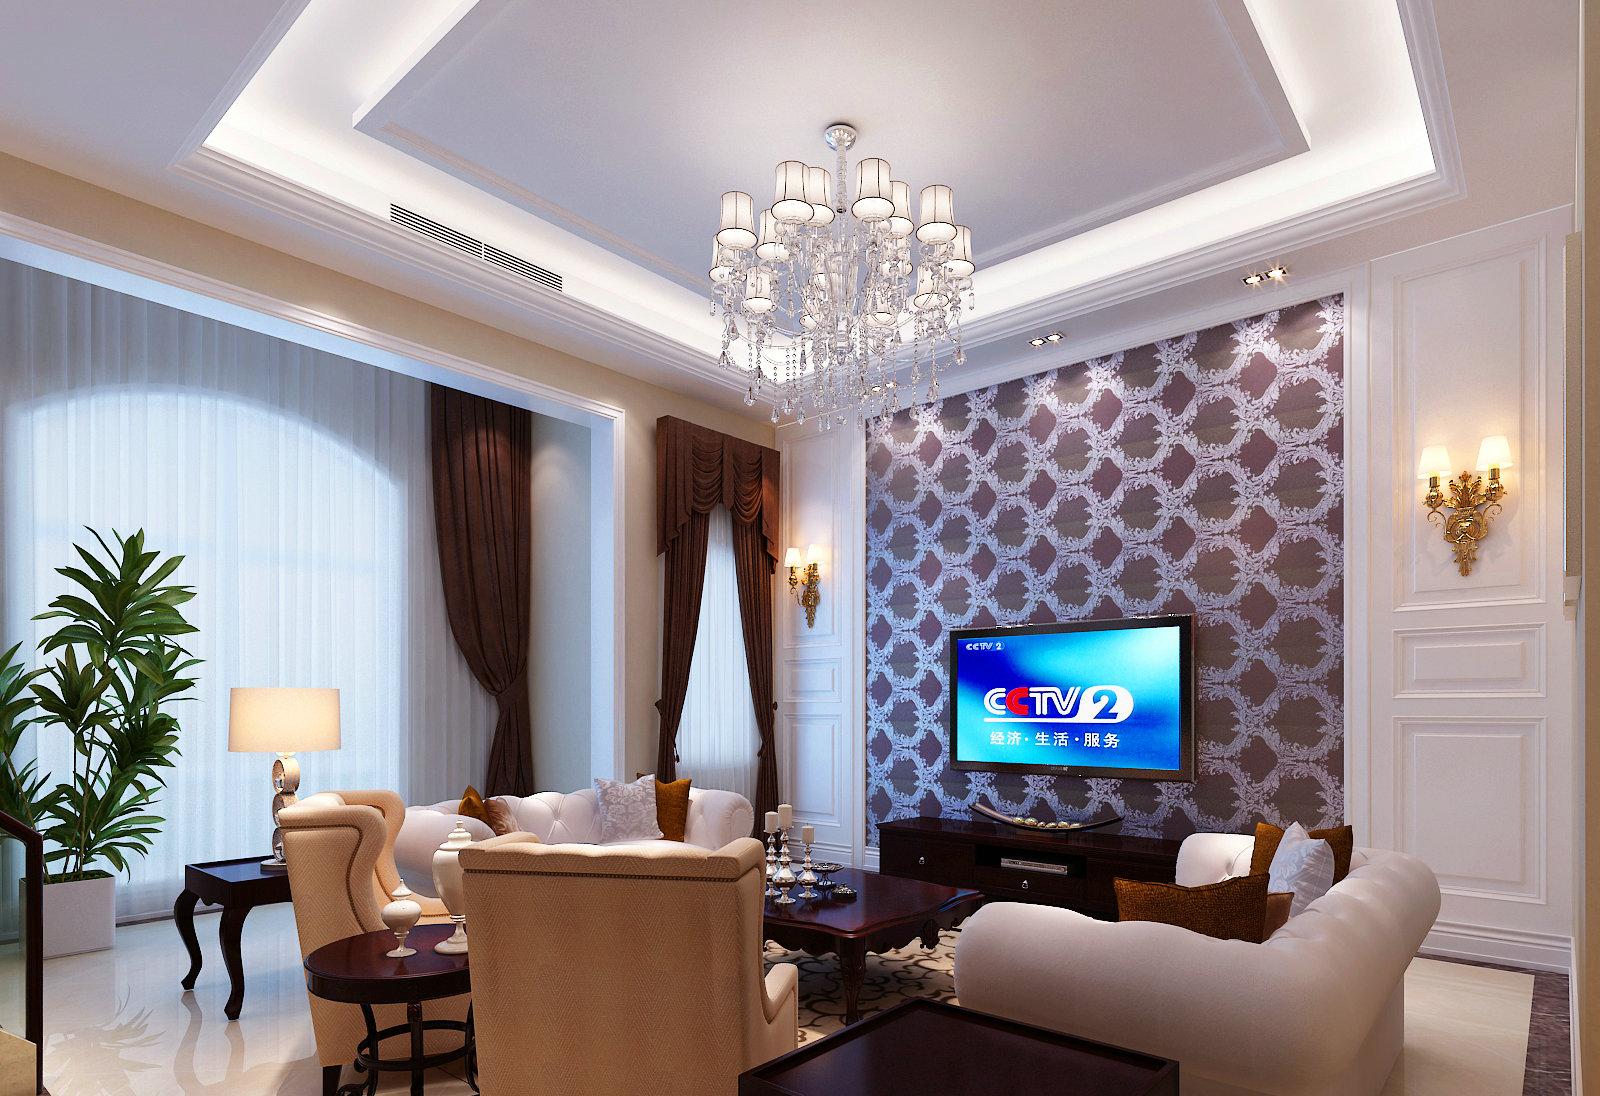 新中式 中西结合 别墅 装修案例 客厅图片来自实创装饰晶晶在600平混搭风势不可挡啊!的分享